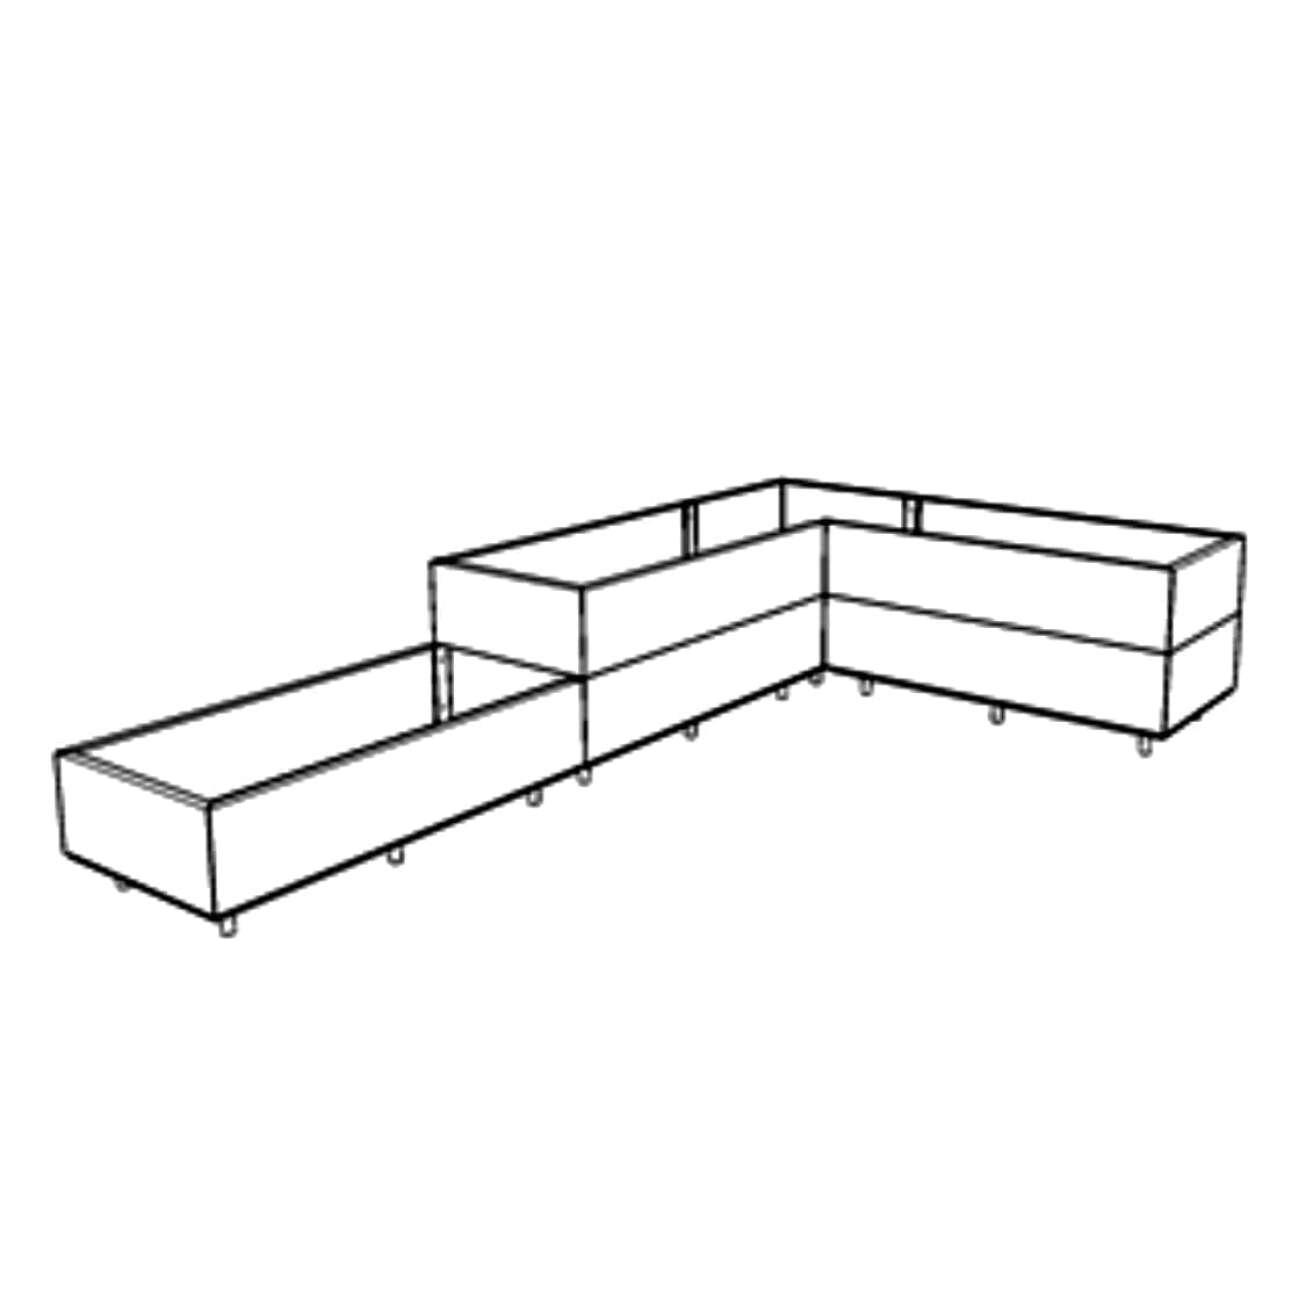 300x180-lav-plantekasse-fra-Fine-Design